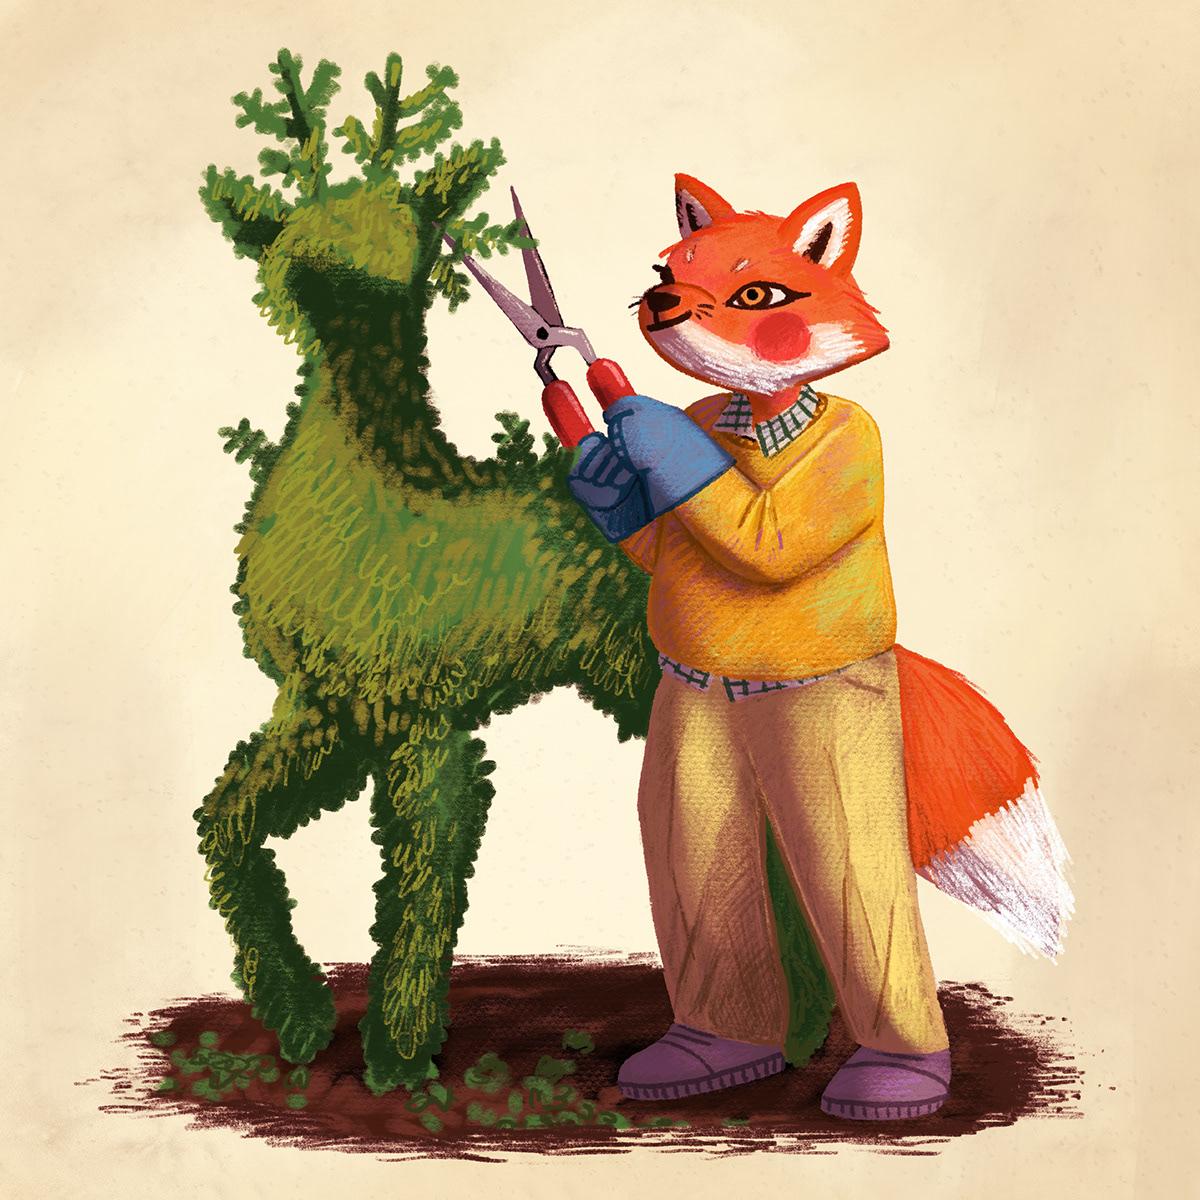 FOX gardening kidlit shrub topiary